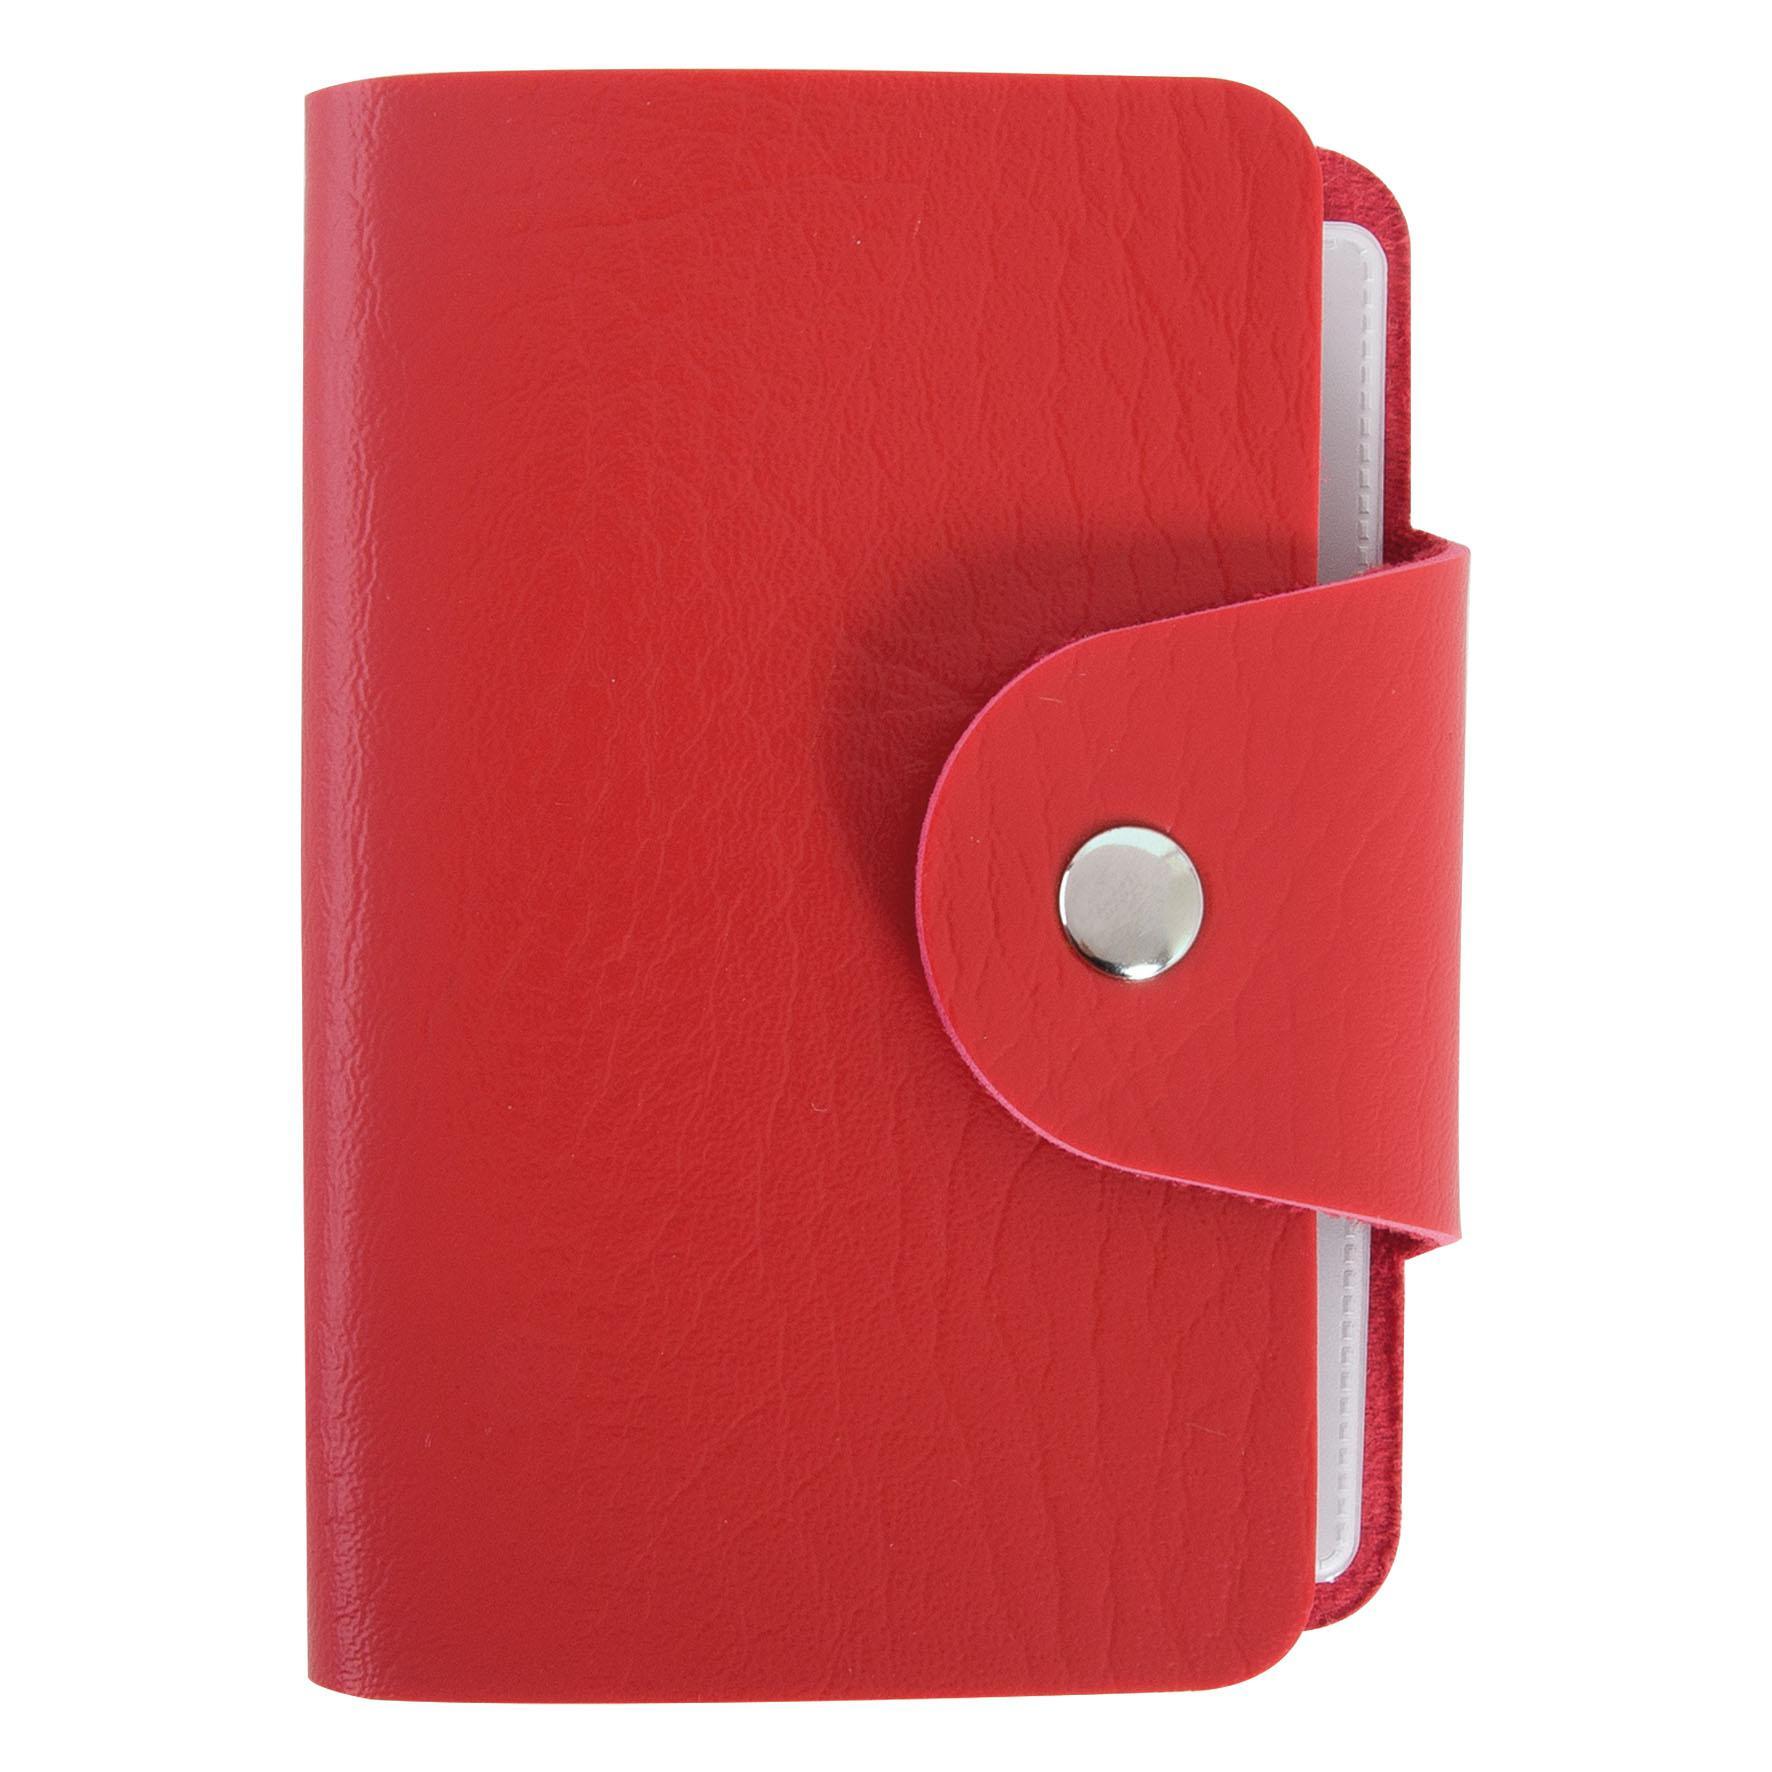 Objet publicitaire - Porte-cartes publicitaire 12 poches - rouge